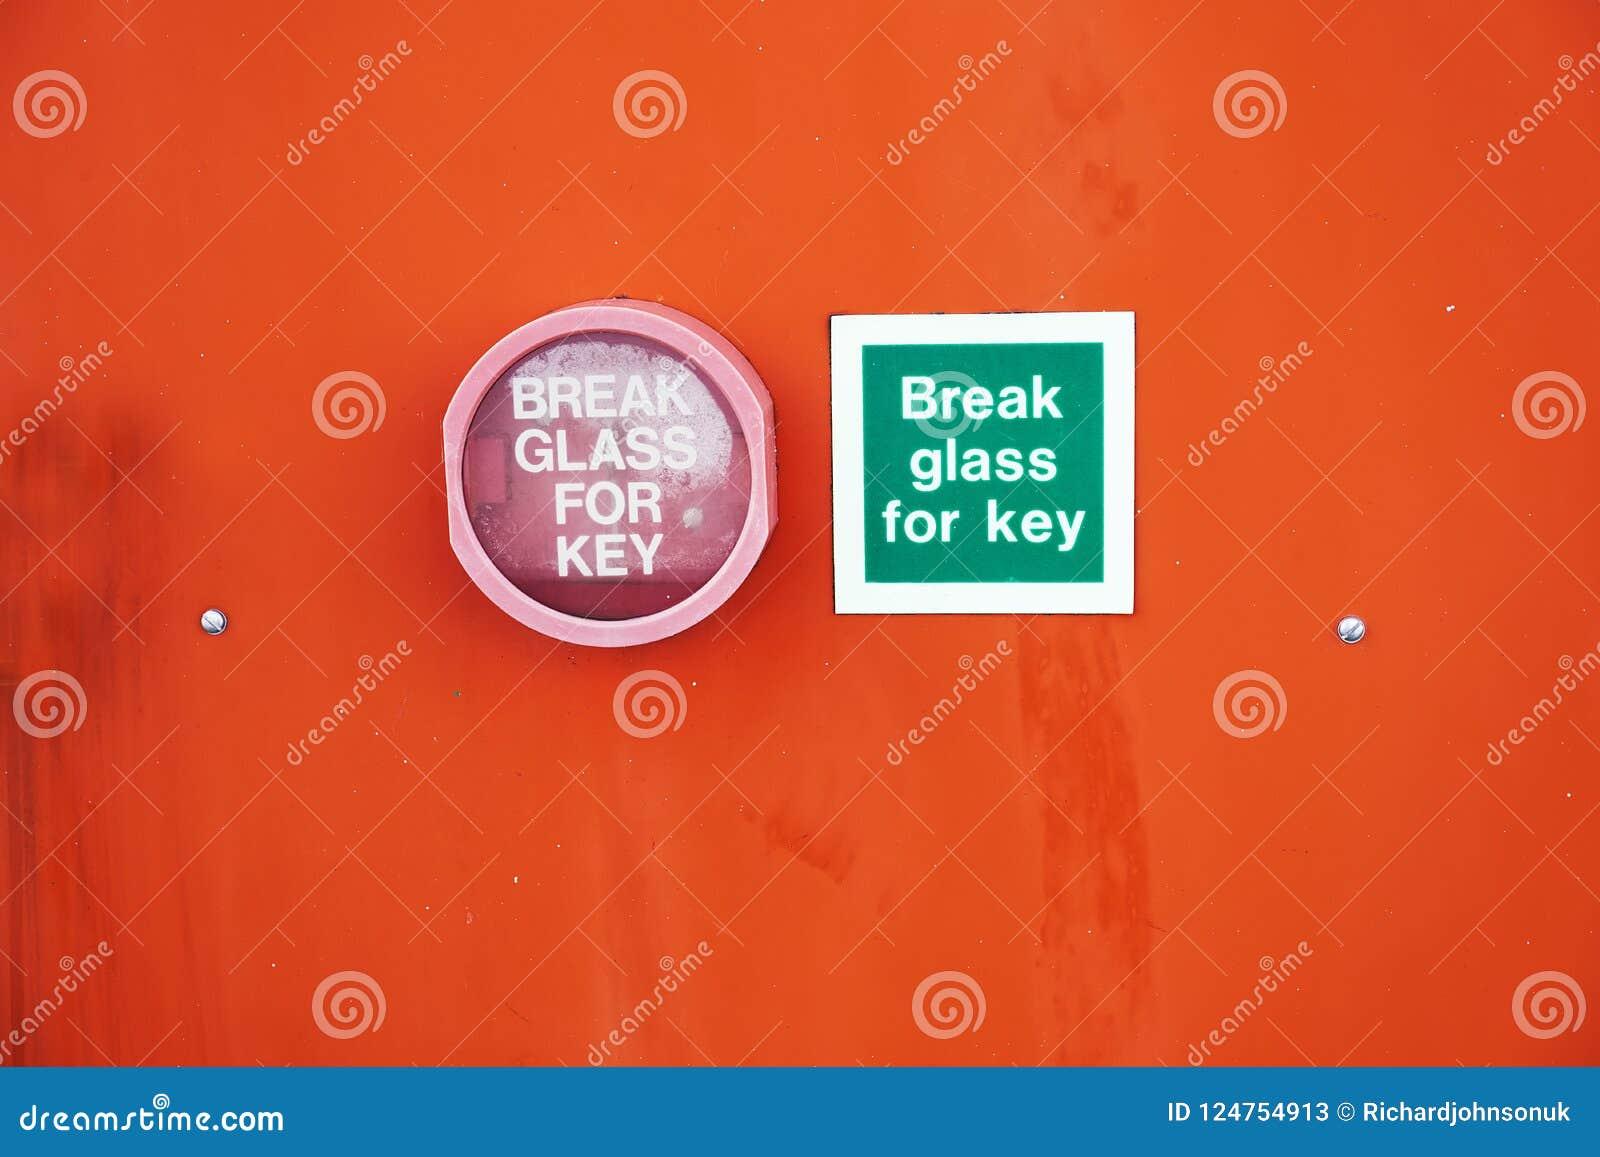 Сломайте стекло для ключевого знака и контейнер зафиксированный к оранжевой стене предпосылки для аварийной ситуации